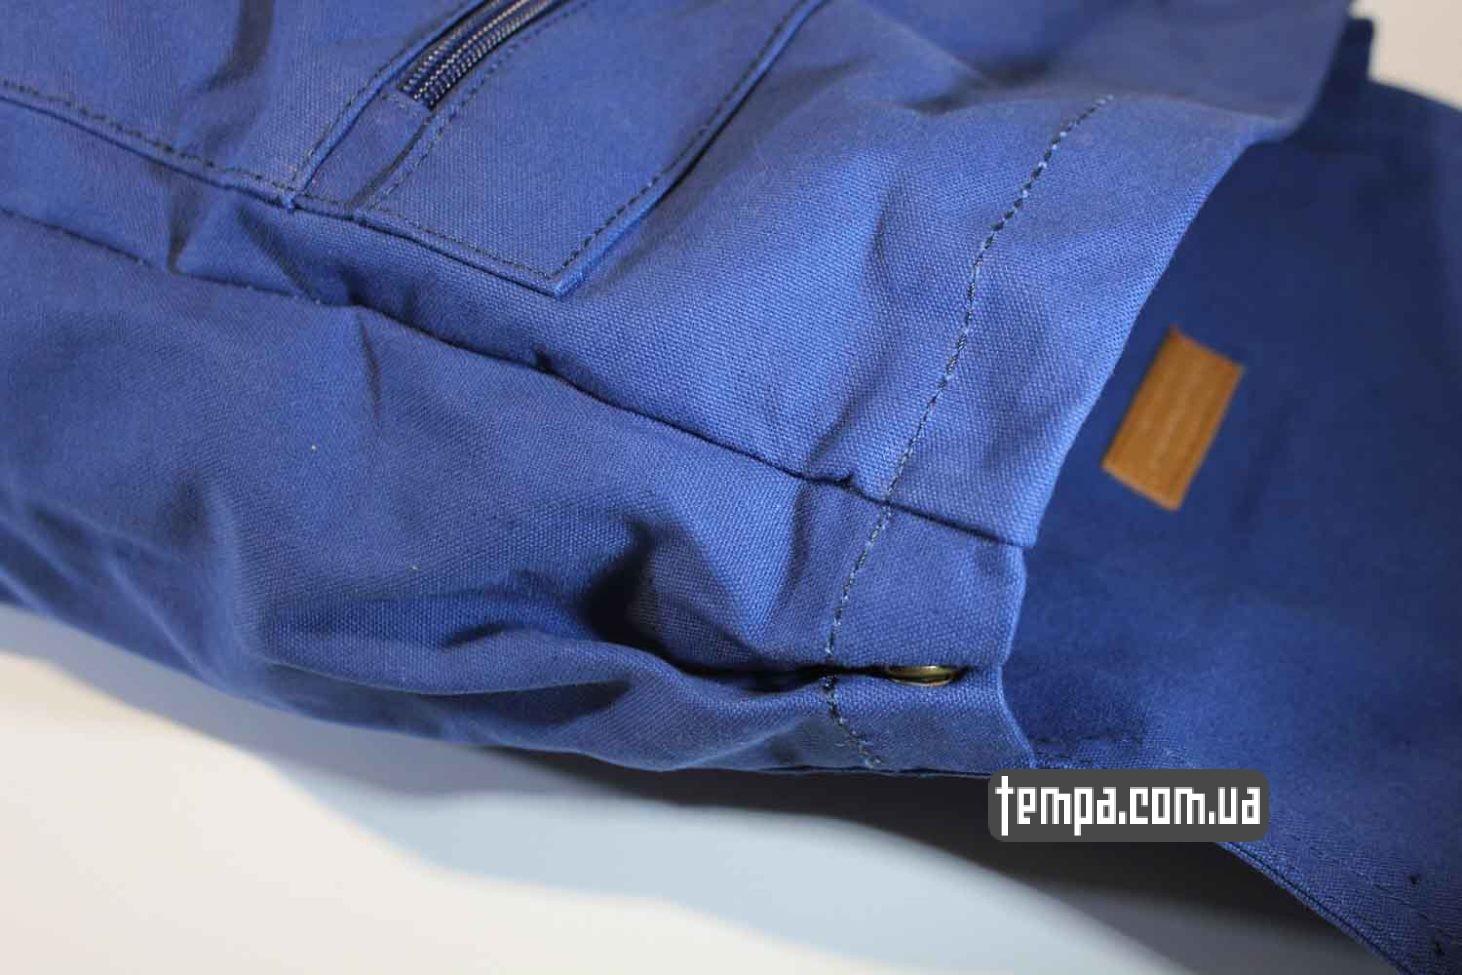 мужской женский унисекс синий рюкзак сумка Fjallraven Foldsack No.1 Backpack